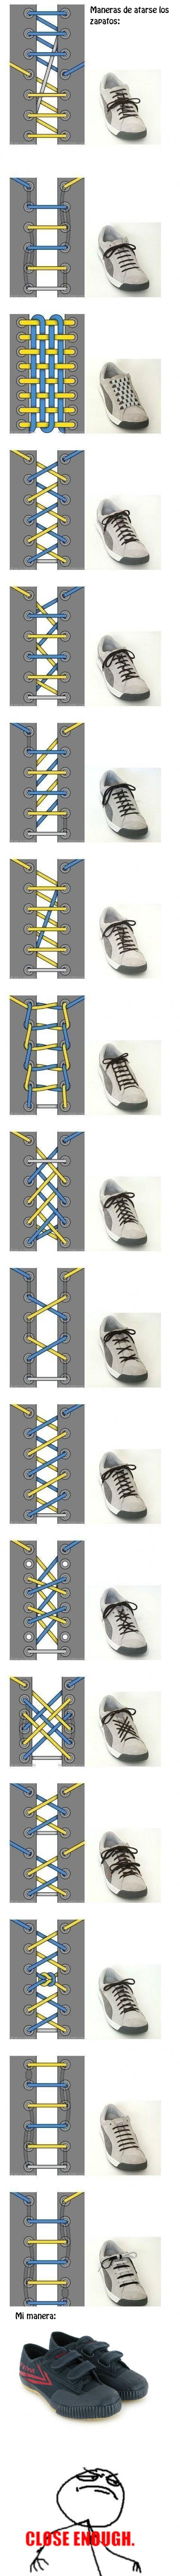 Maneras de atarse los cordones